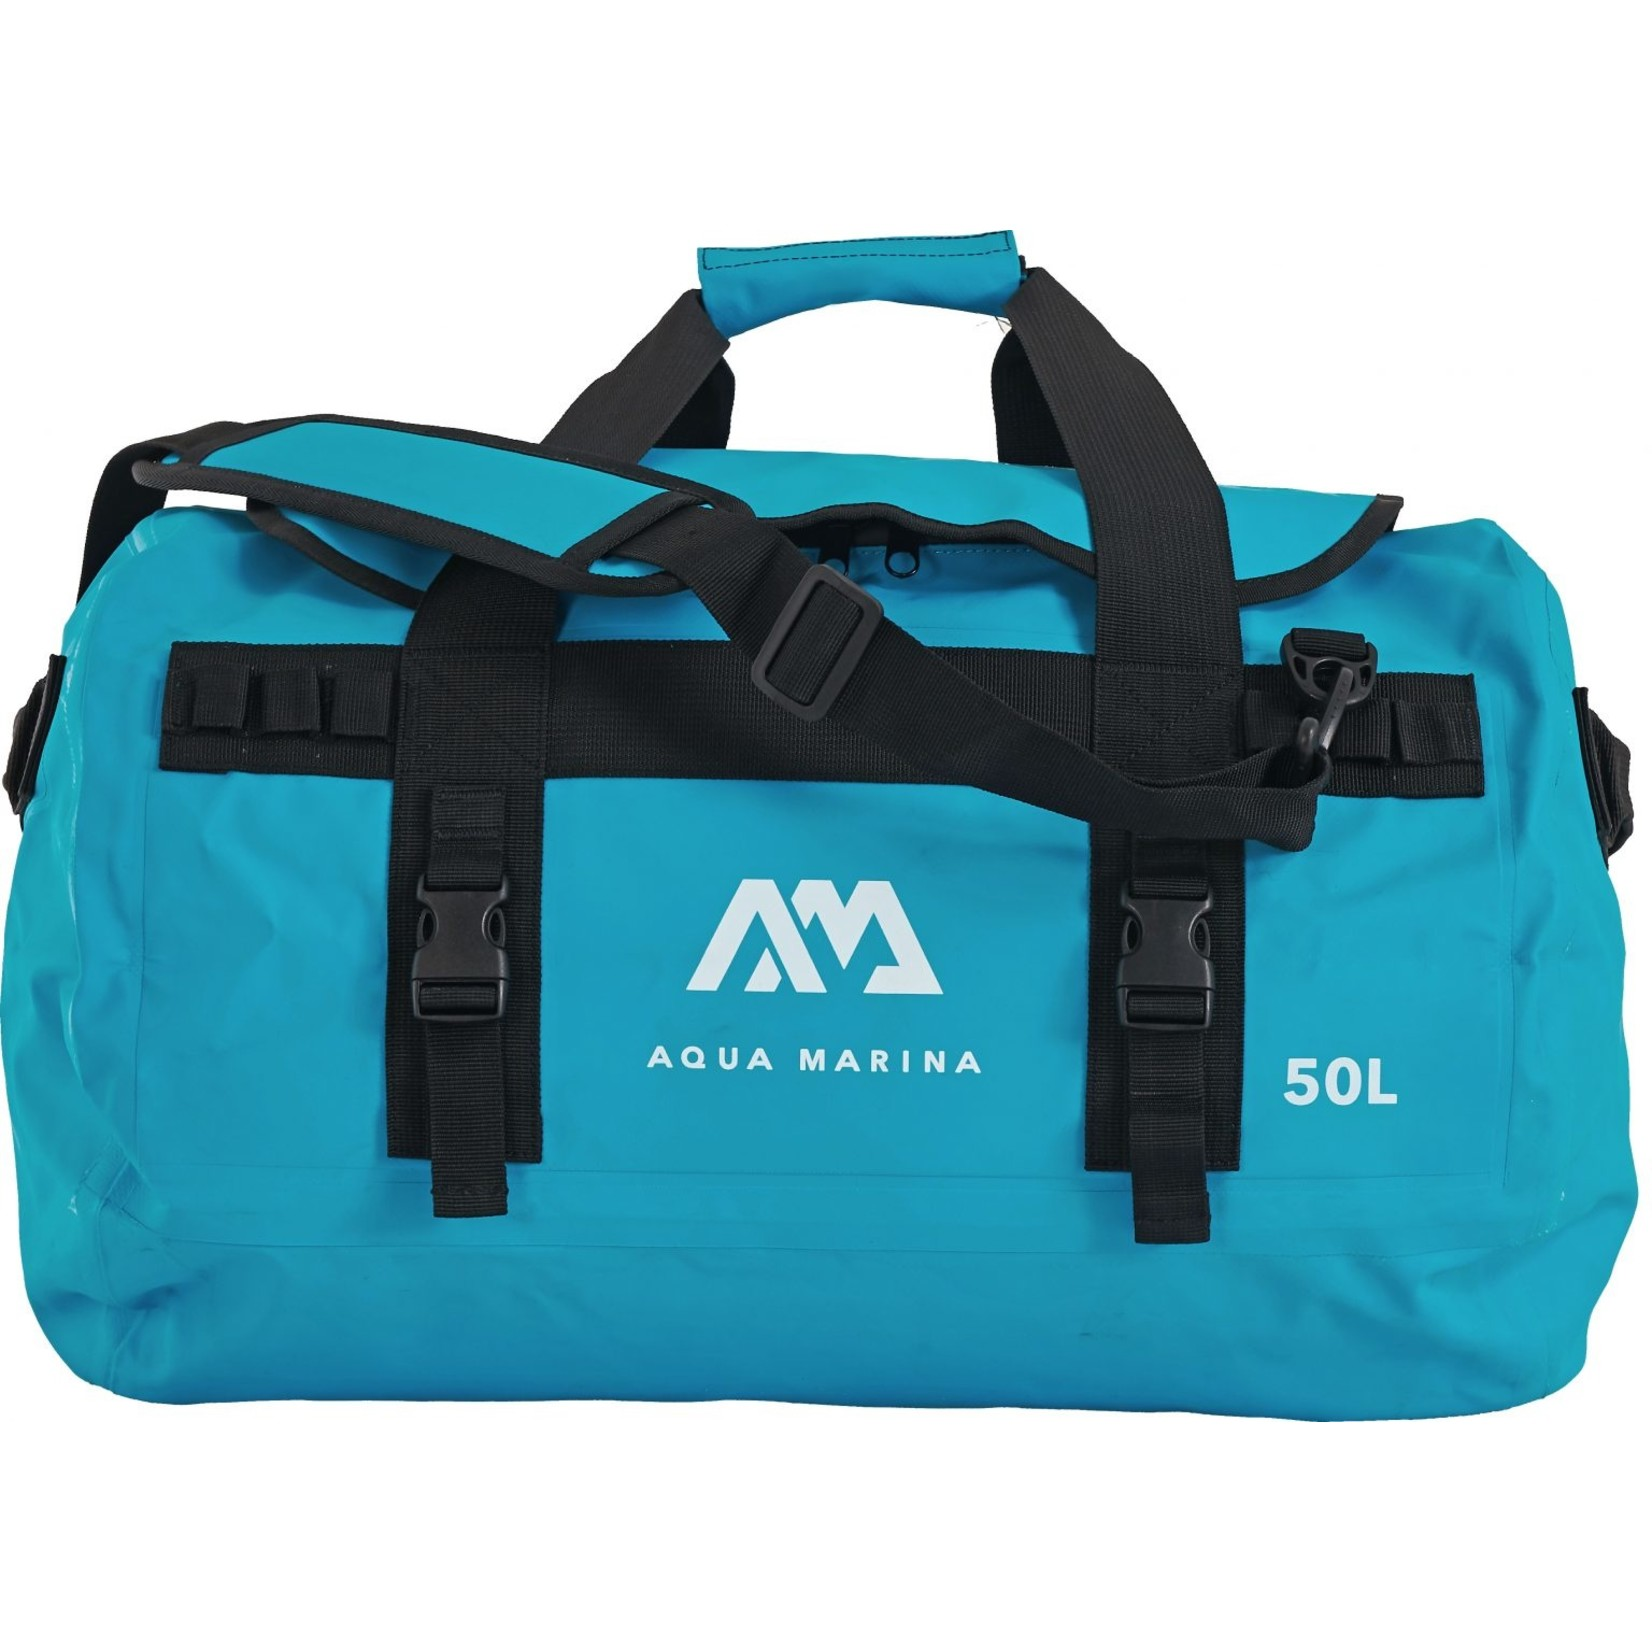 Aqua Marina Duffle Dry Bag - 50L